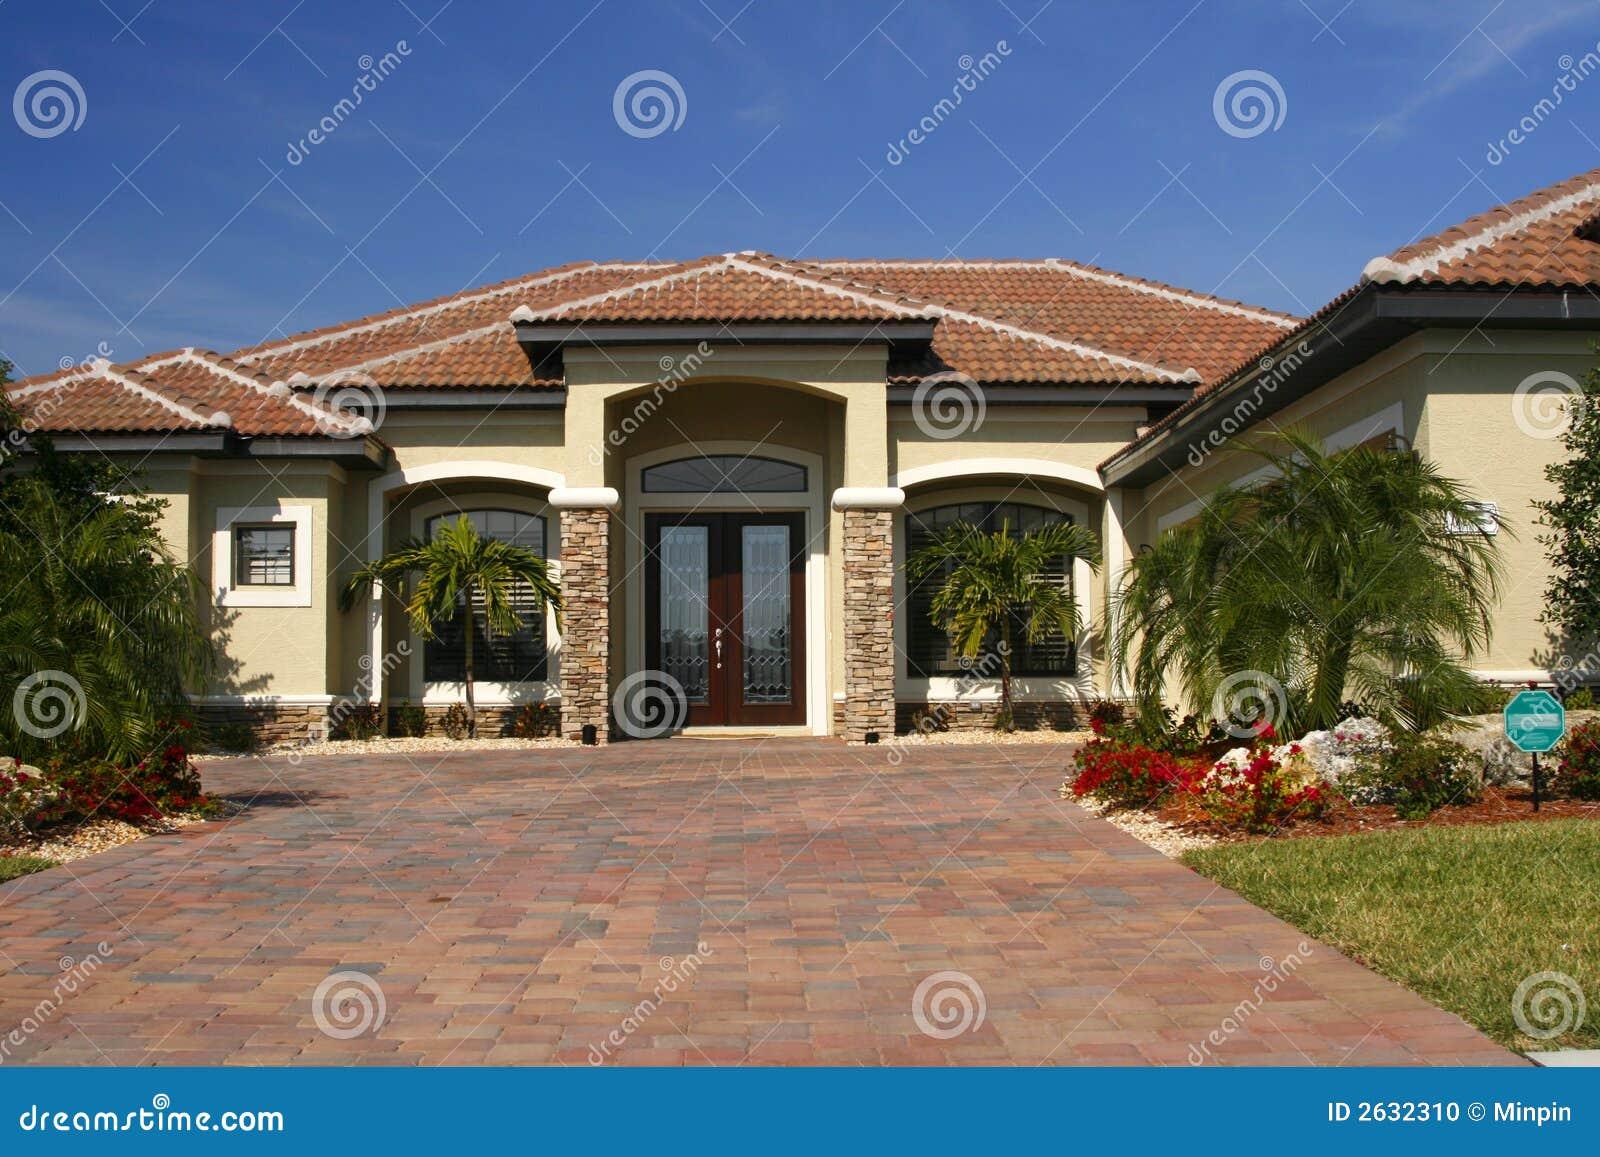 Maison neuve avec les accents en pierre photo stock for Photo maison neuve